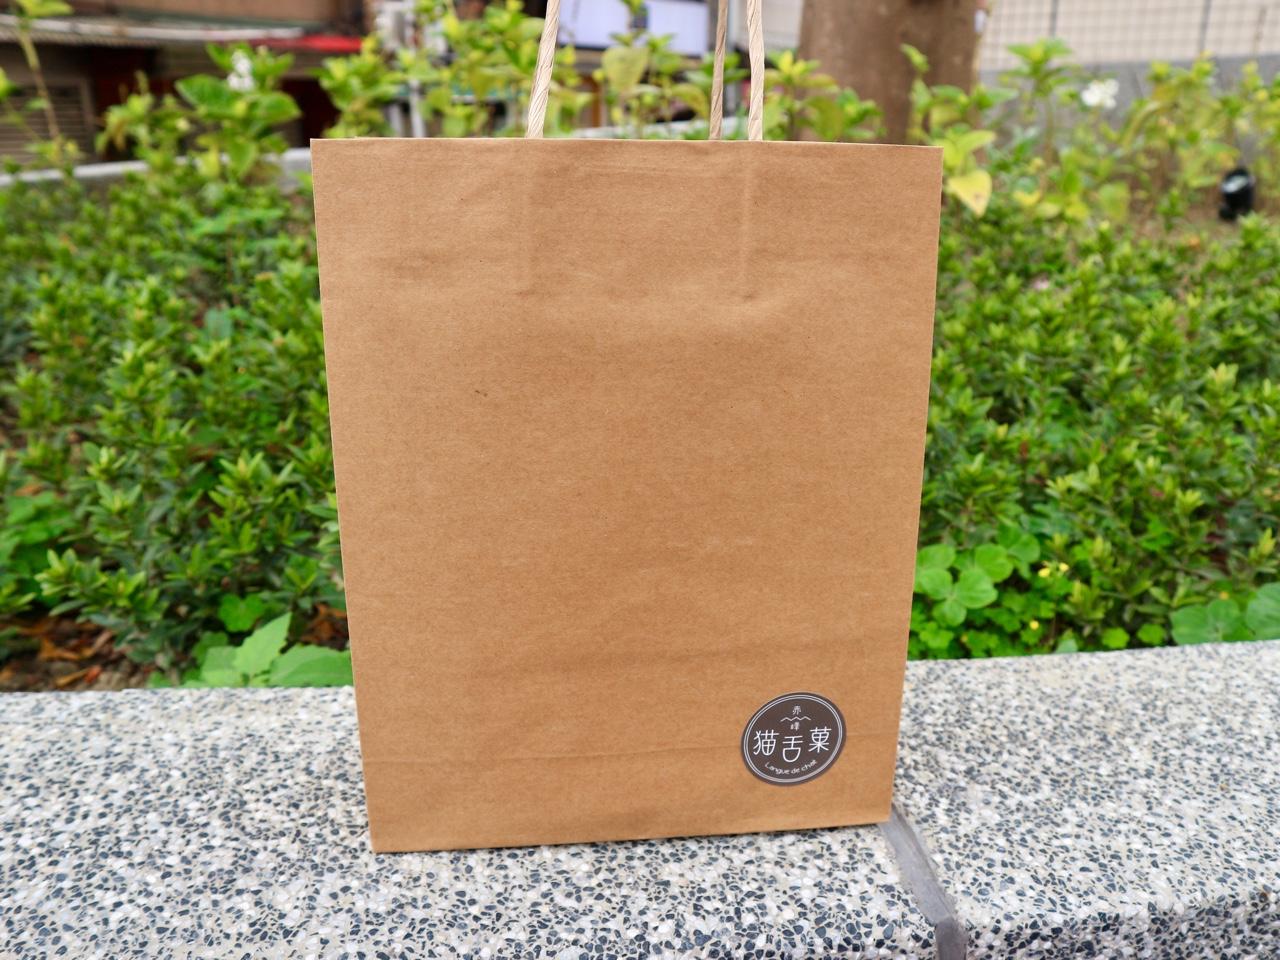 「赤峰猫舌菓」紙袋